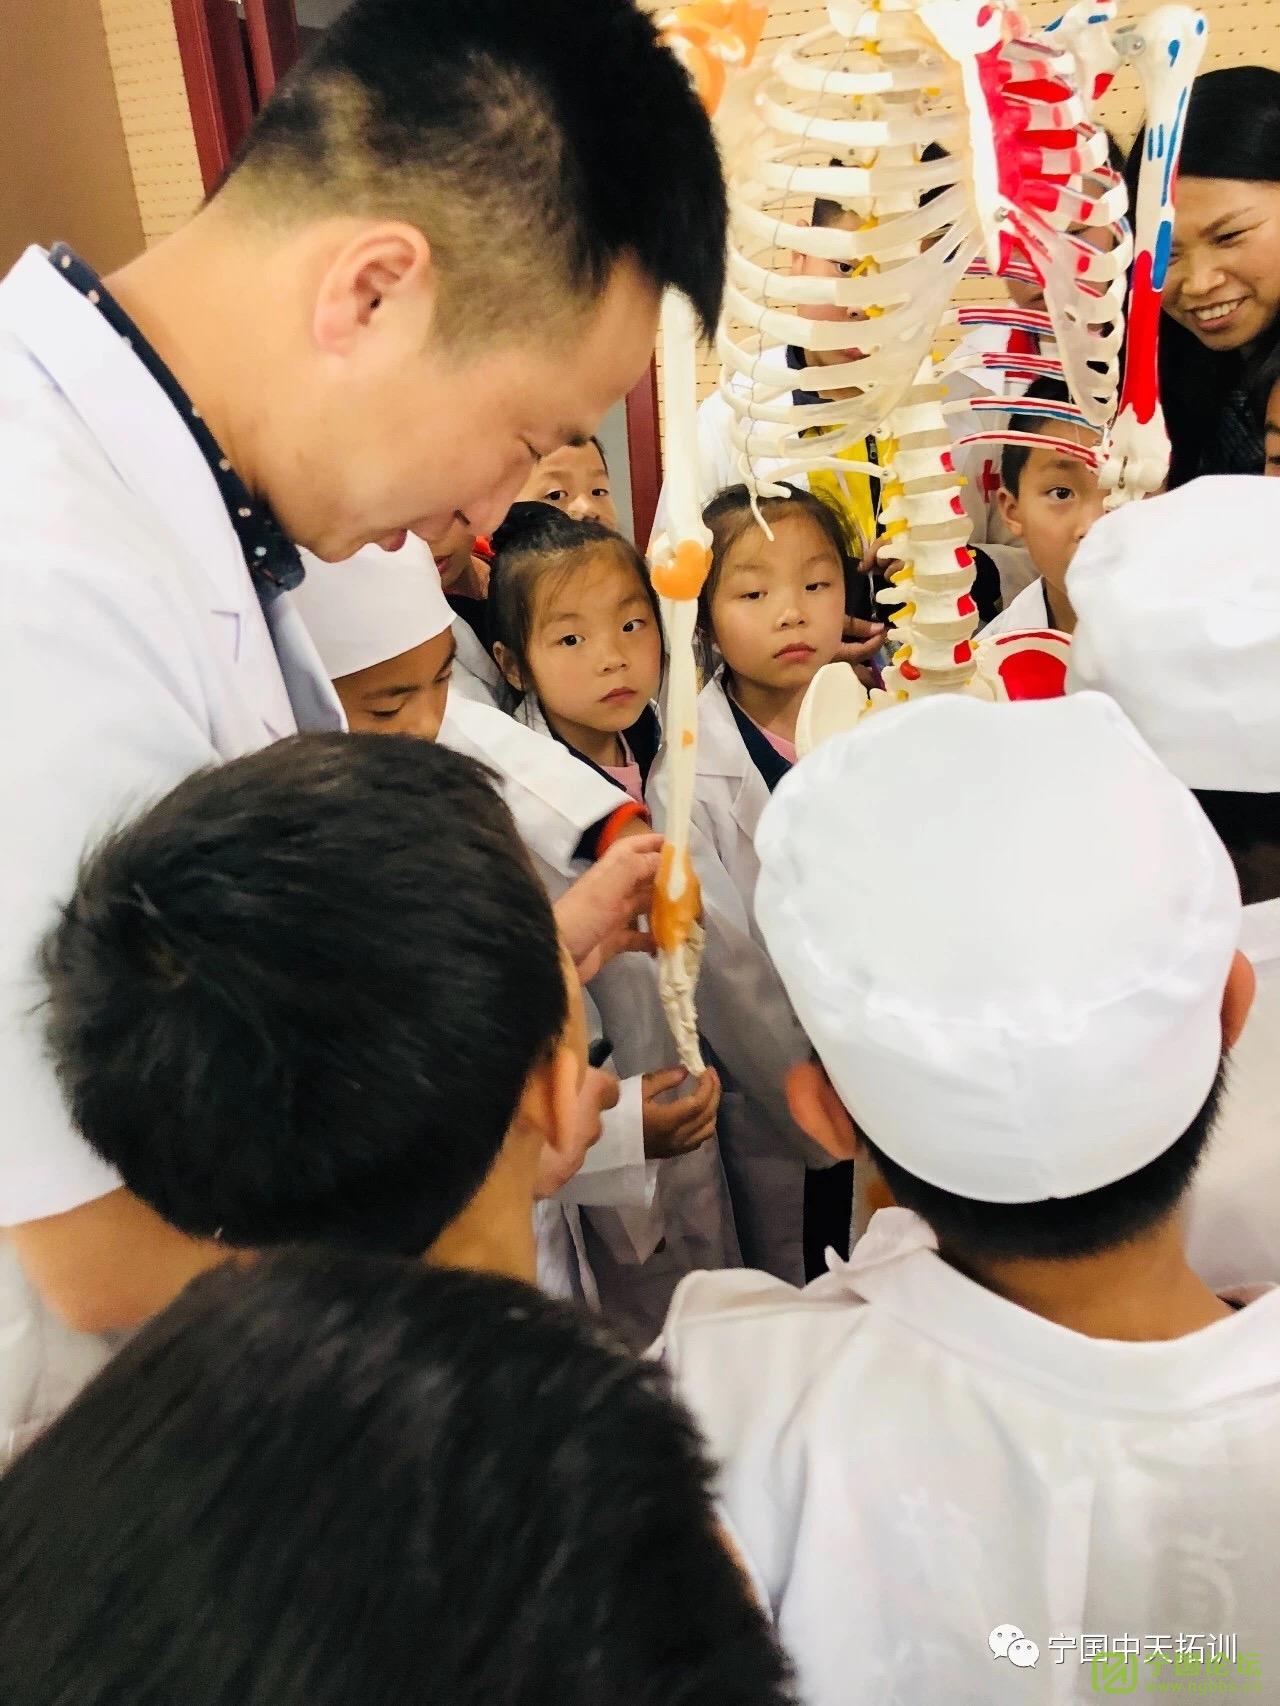 骨科医院奇遇记,小小医生职业体验 - 宁国论坛 - IMG_3518.JPG